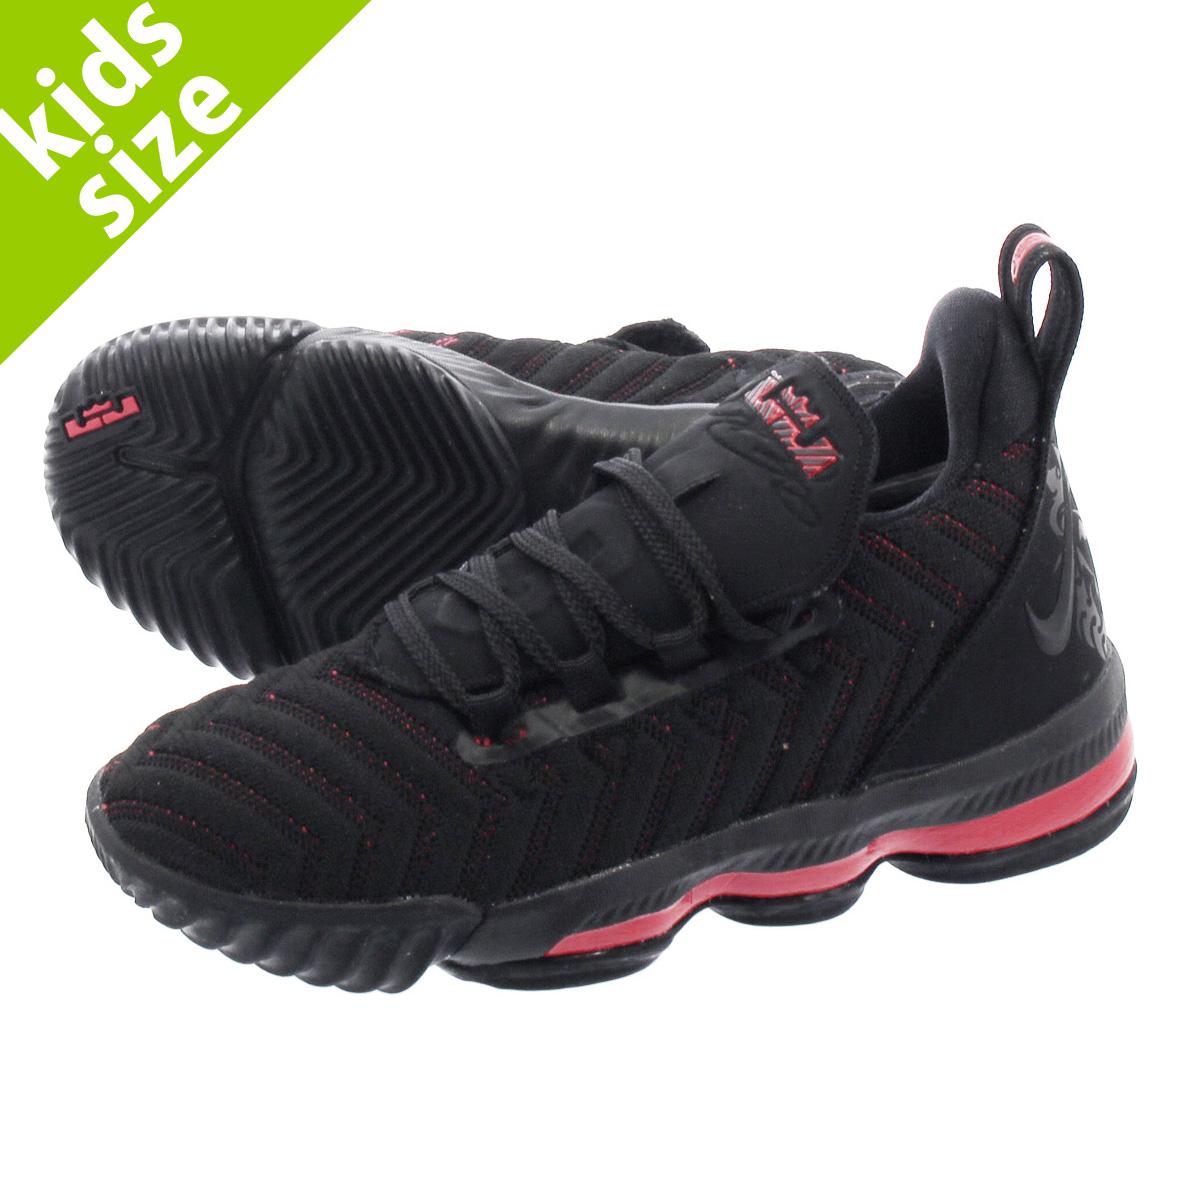 18405ee092f LOWTEX PLUS  NIKE LEBRON 16 PS Nike Revlon 16 PS BLACK UNIVERSITY ...